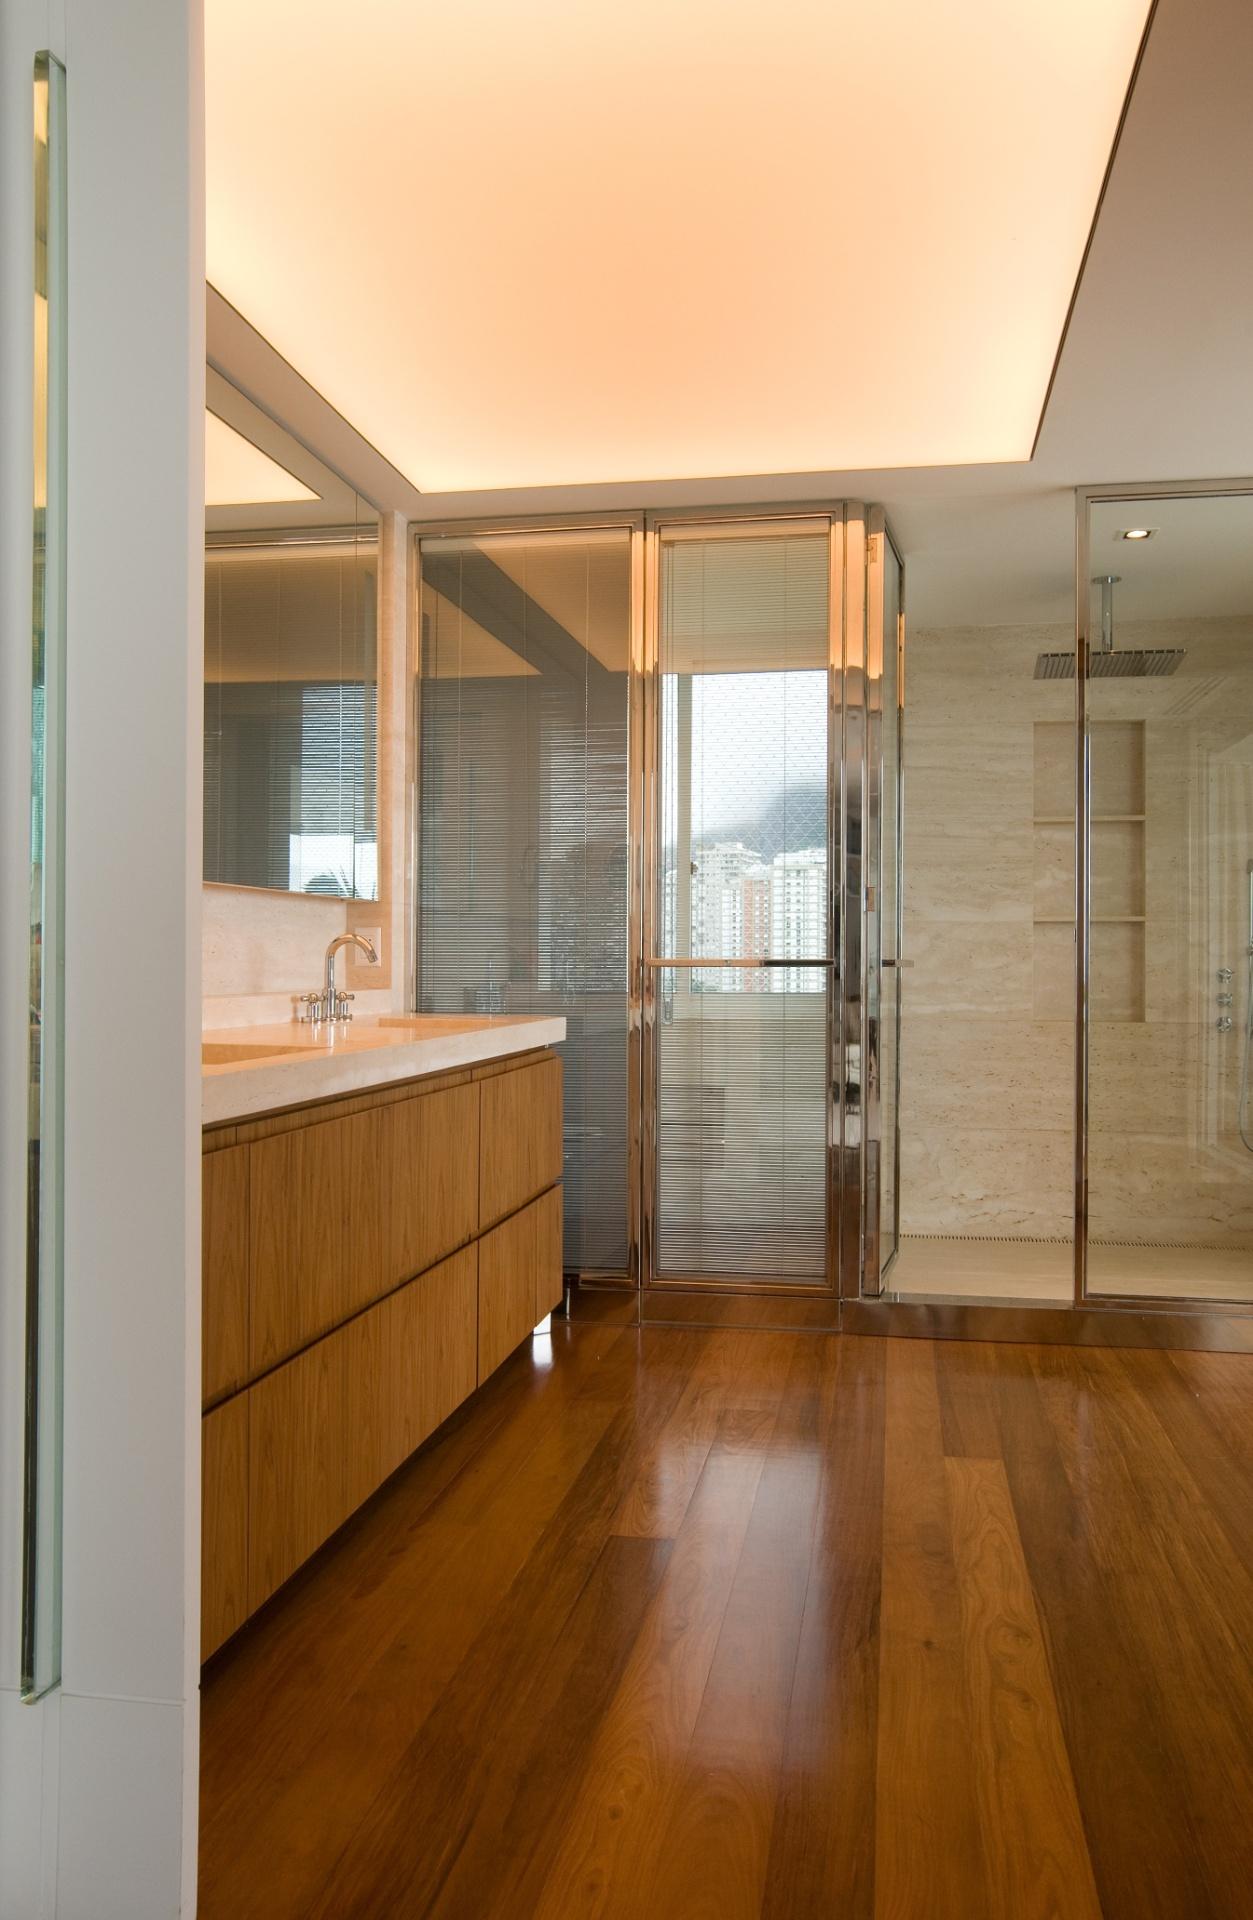 área de banho da suíte do casal é ampla com madeira predominante  #6F3F10 1253x1920 Banheiro Casal Dois Vasos